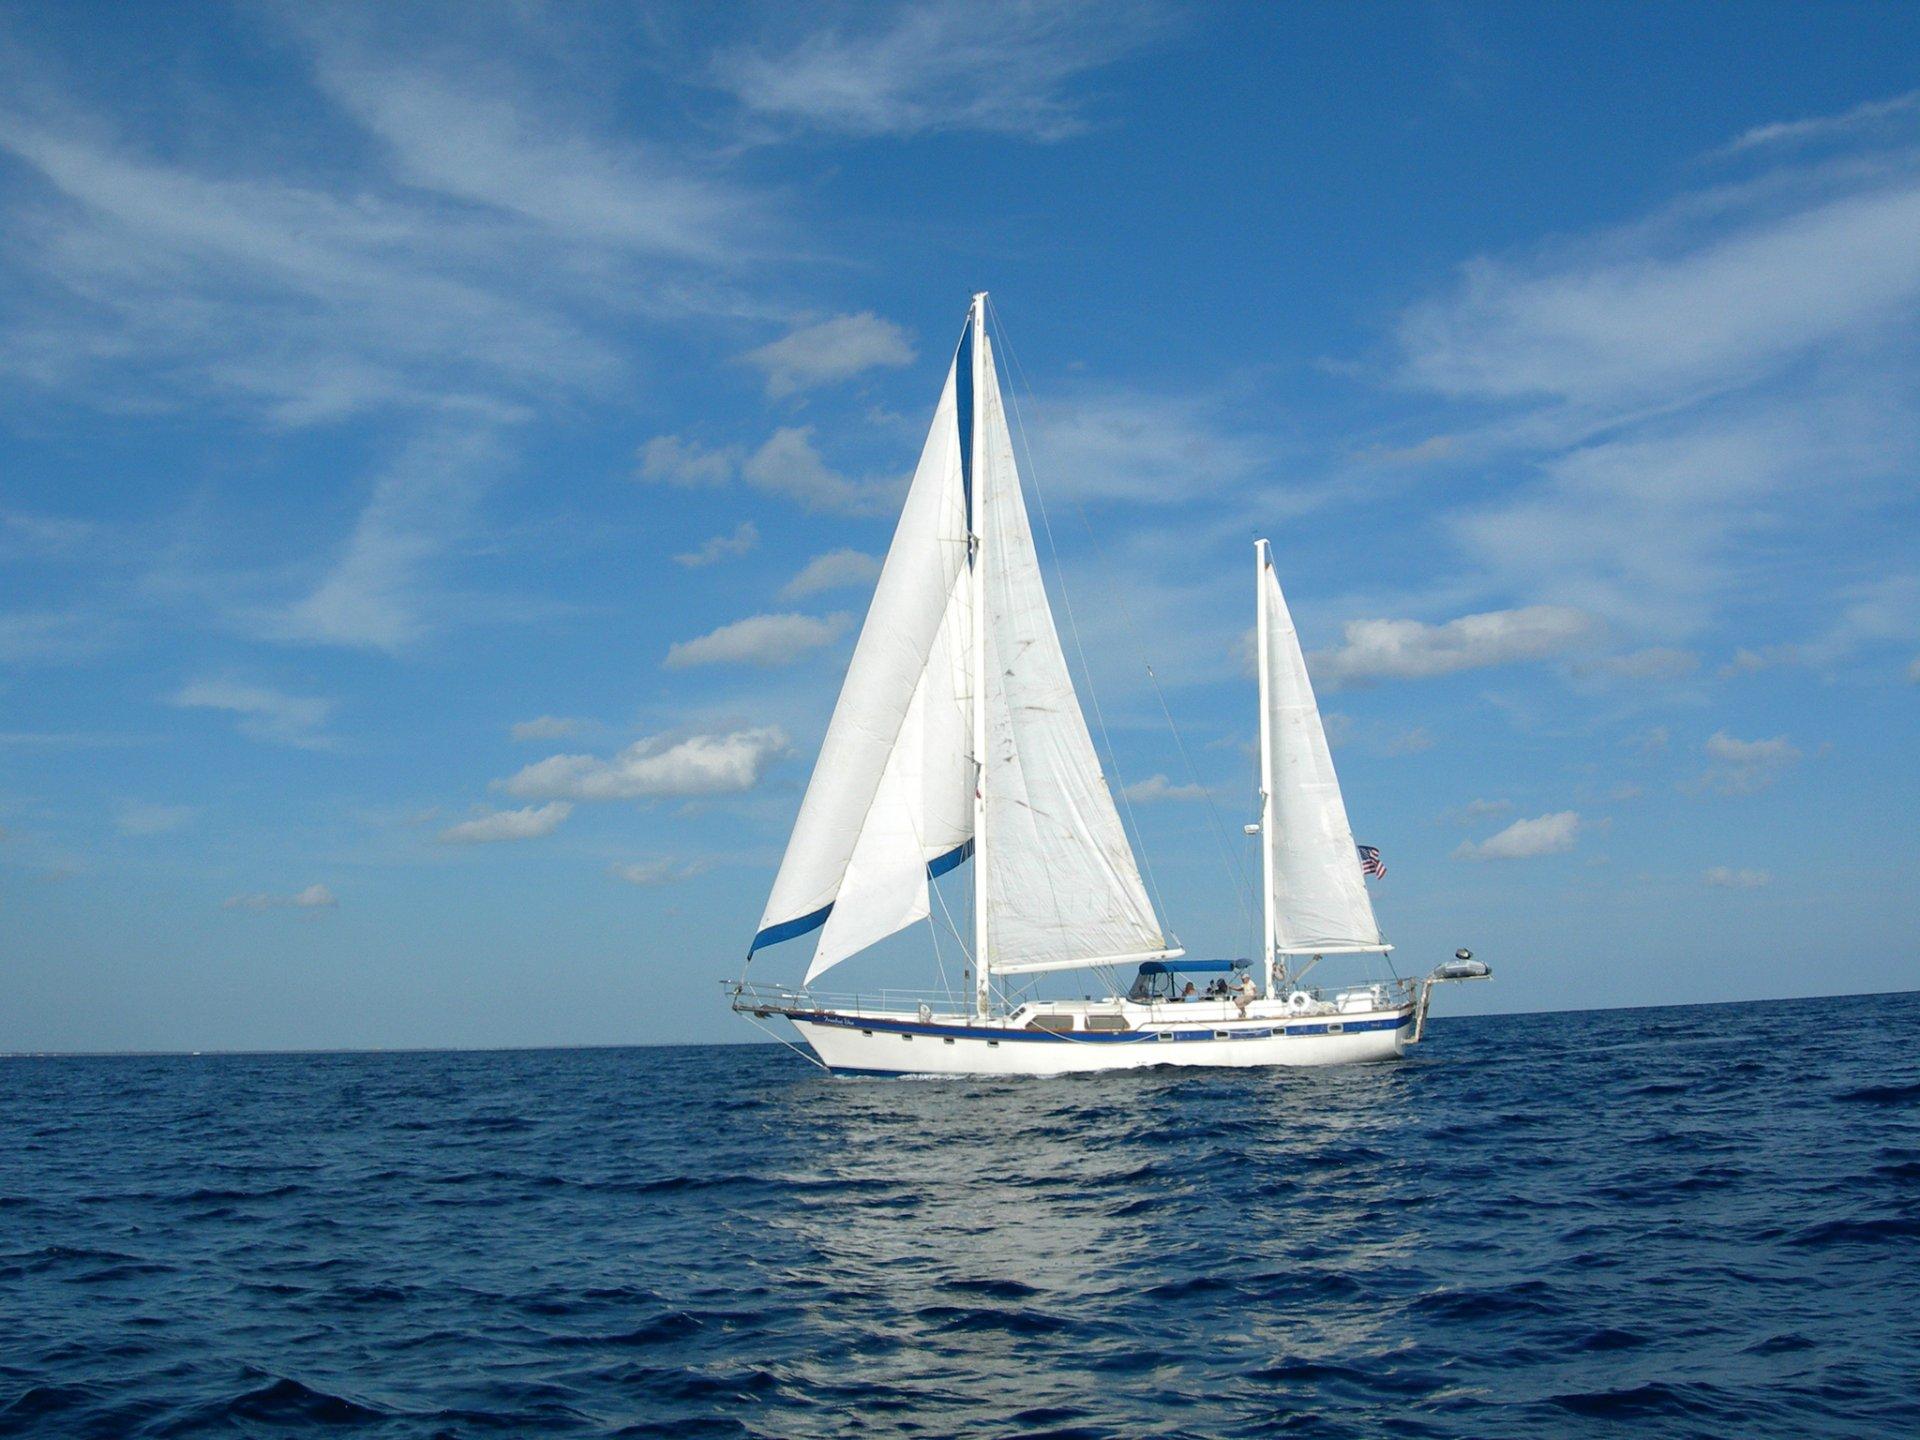 Яхта море открытка, картинки